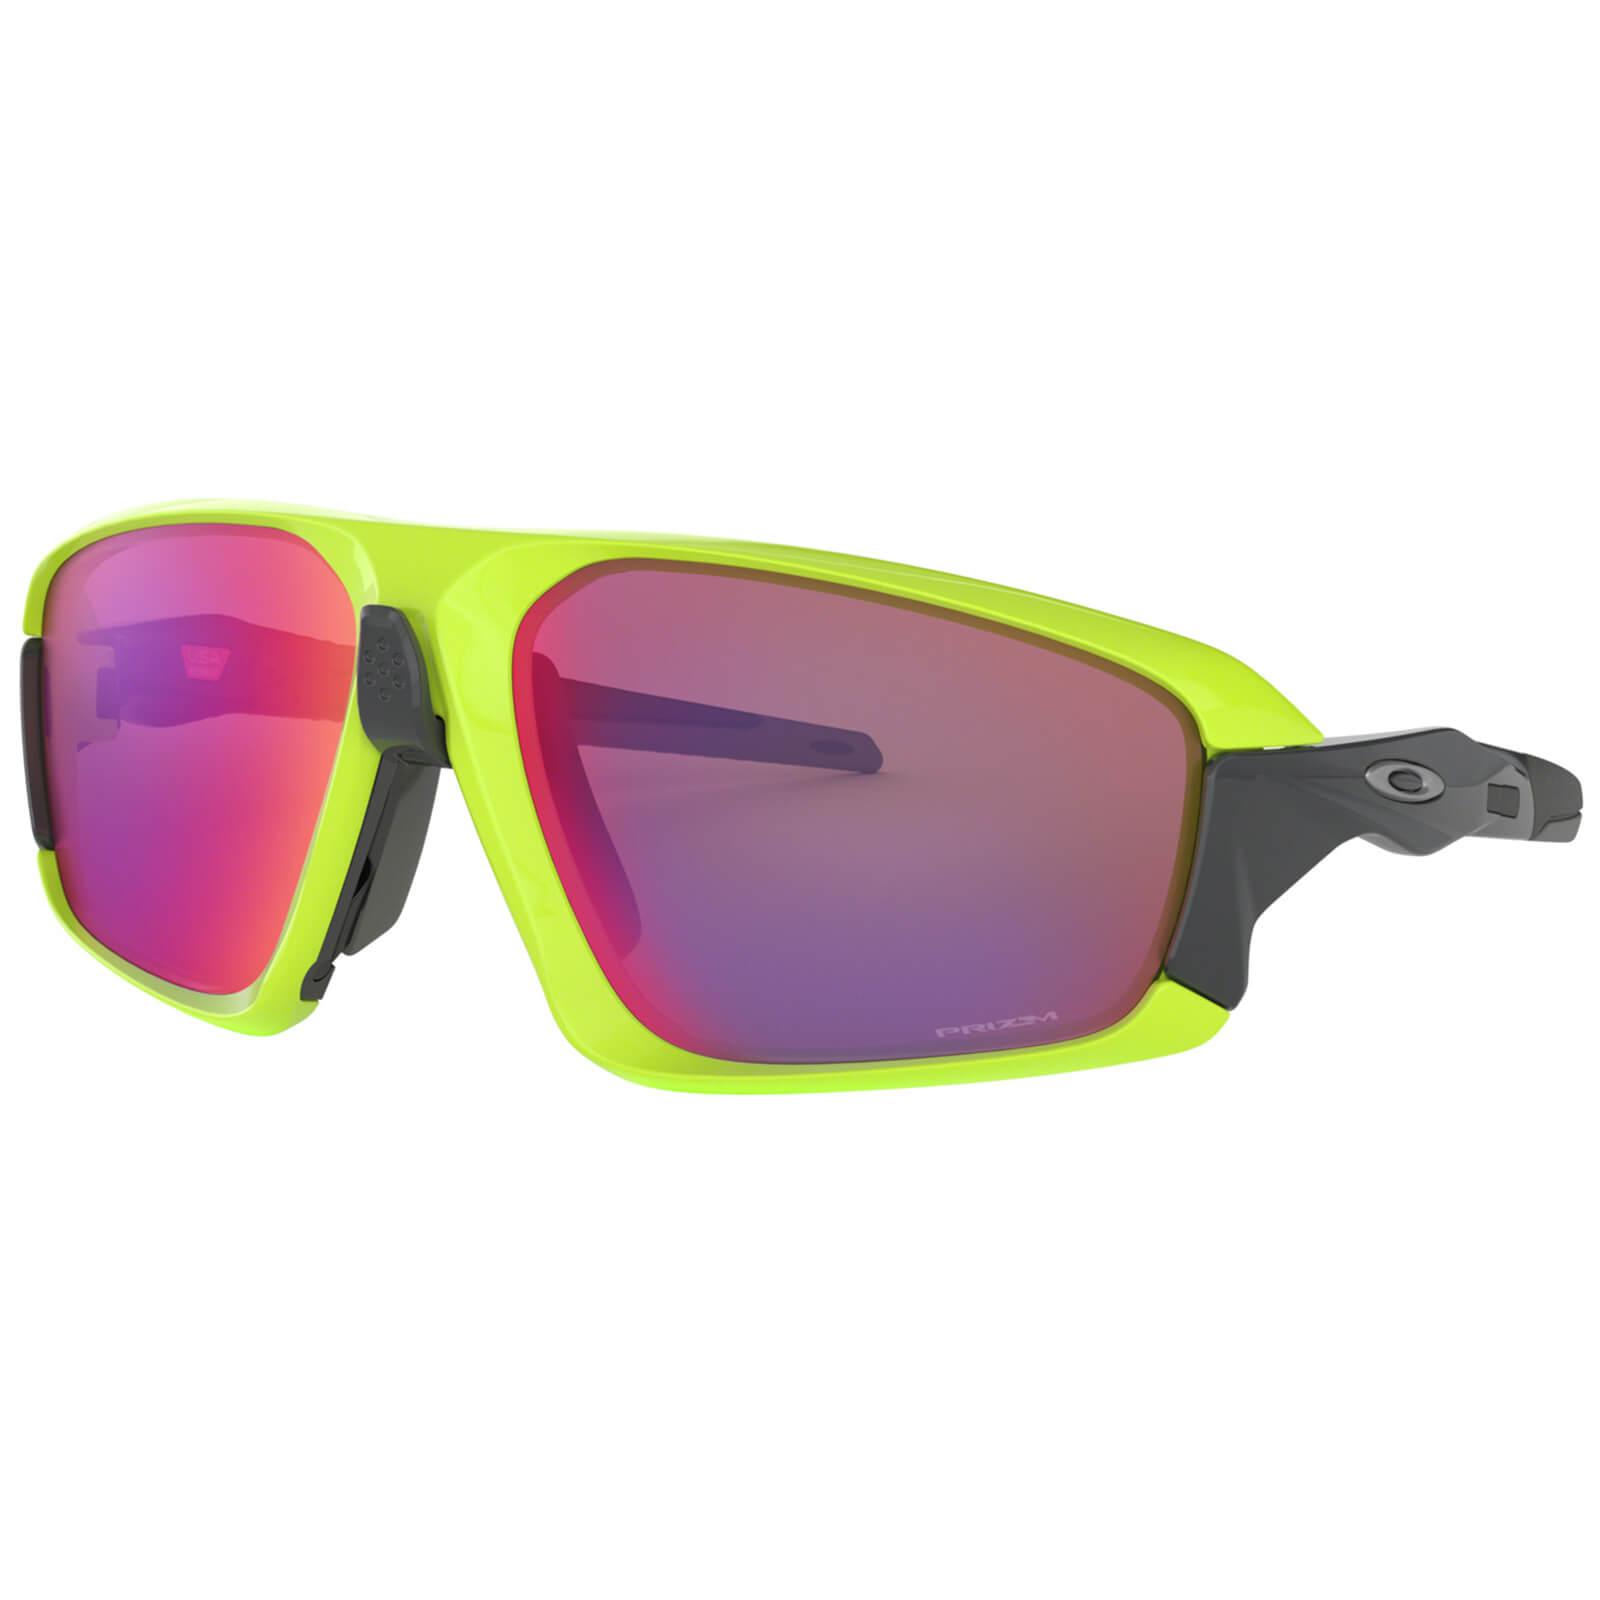 a69374f351 Oakley Field Jacket Sunglasses - Retina Burn Prizm Road